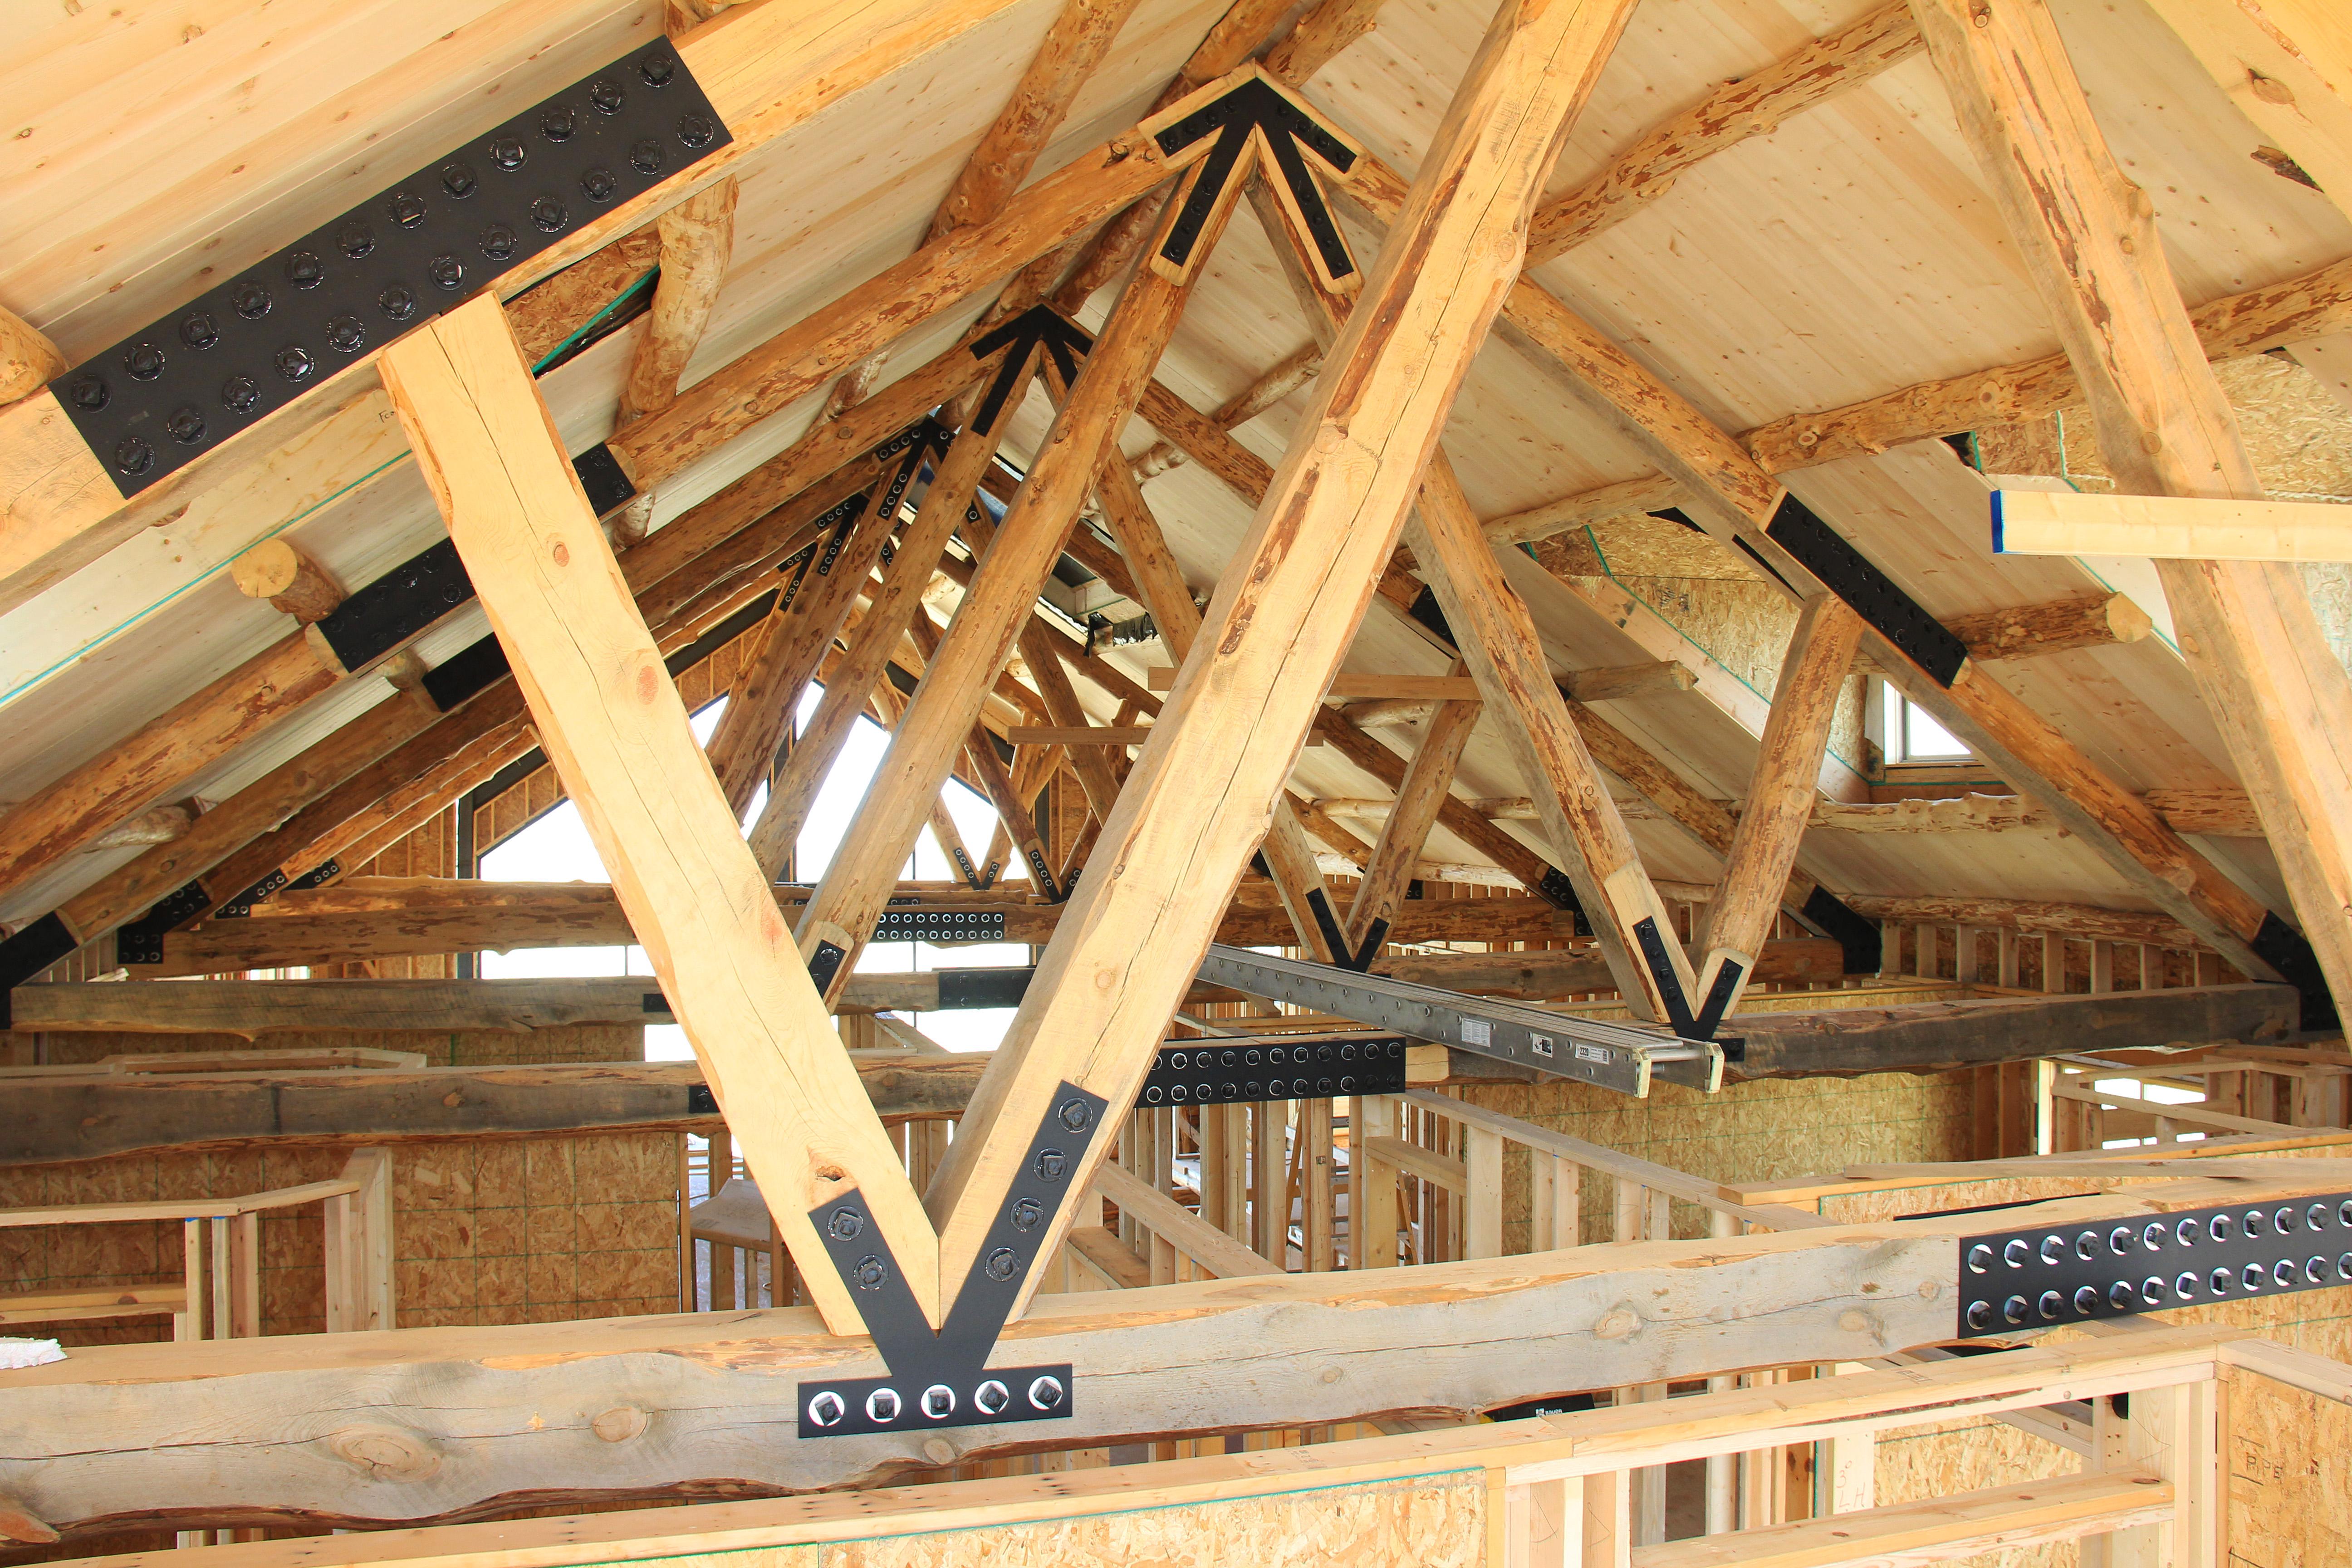 Roof Trusses Coteau Des Prairies Lodge